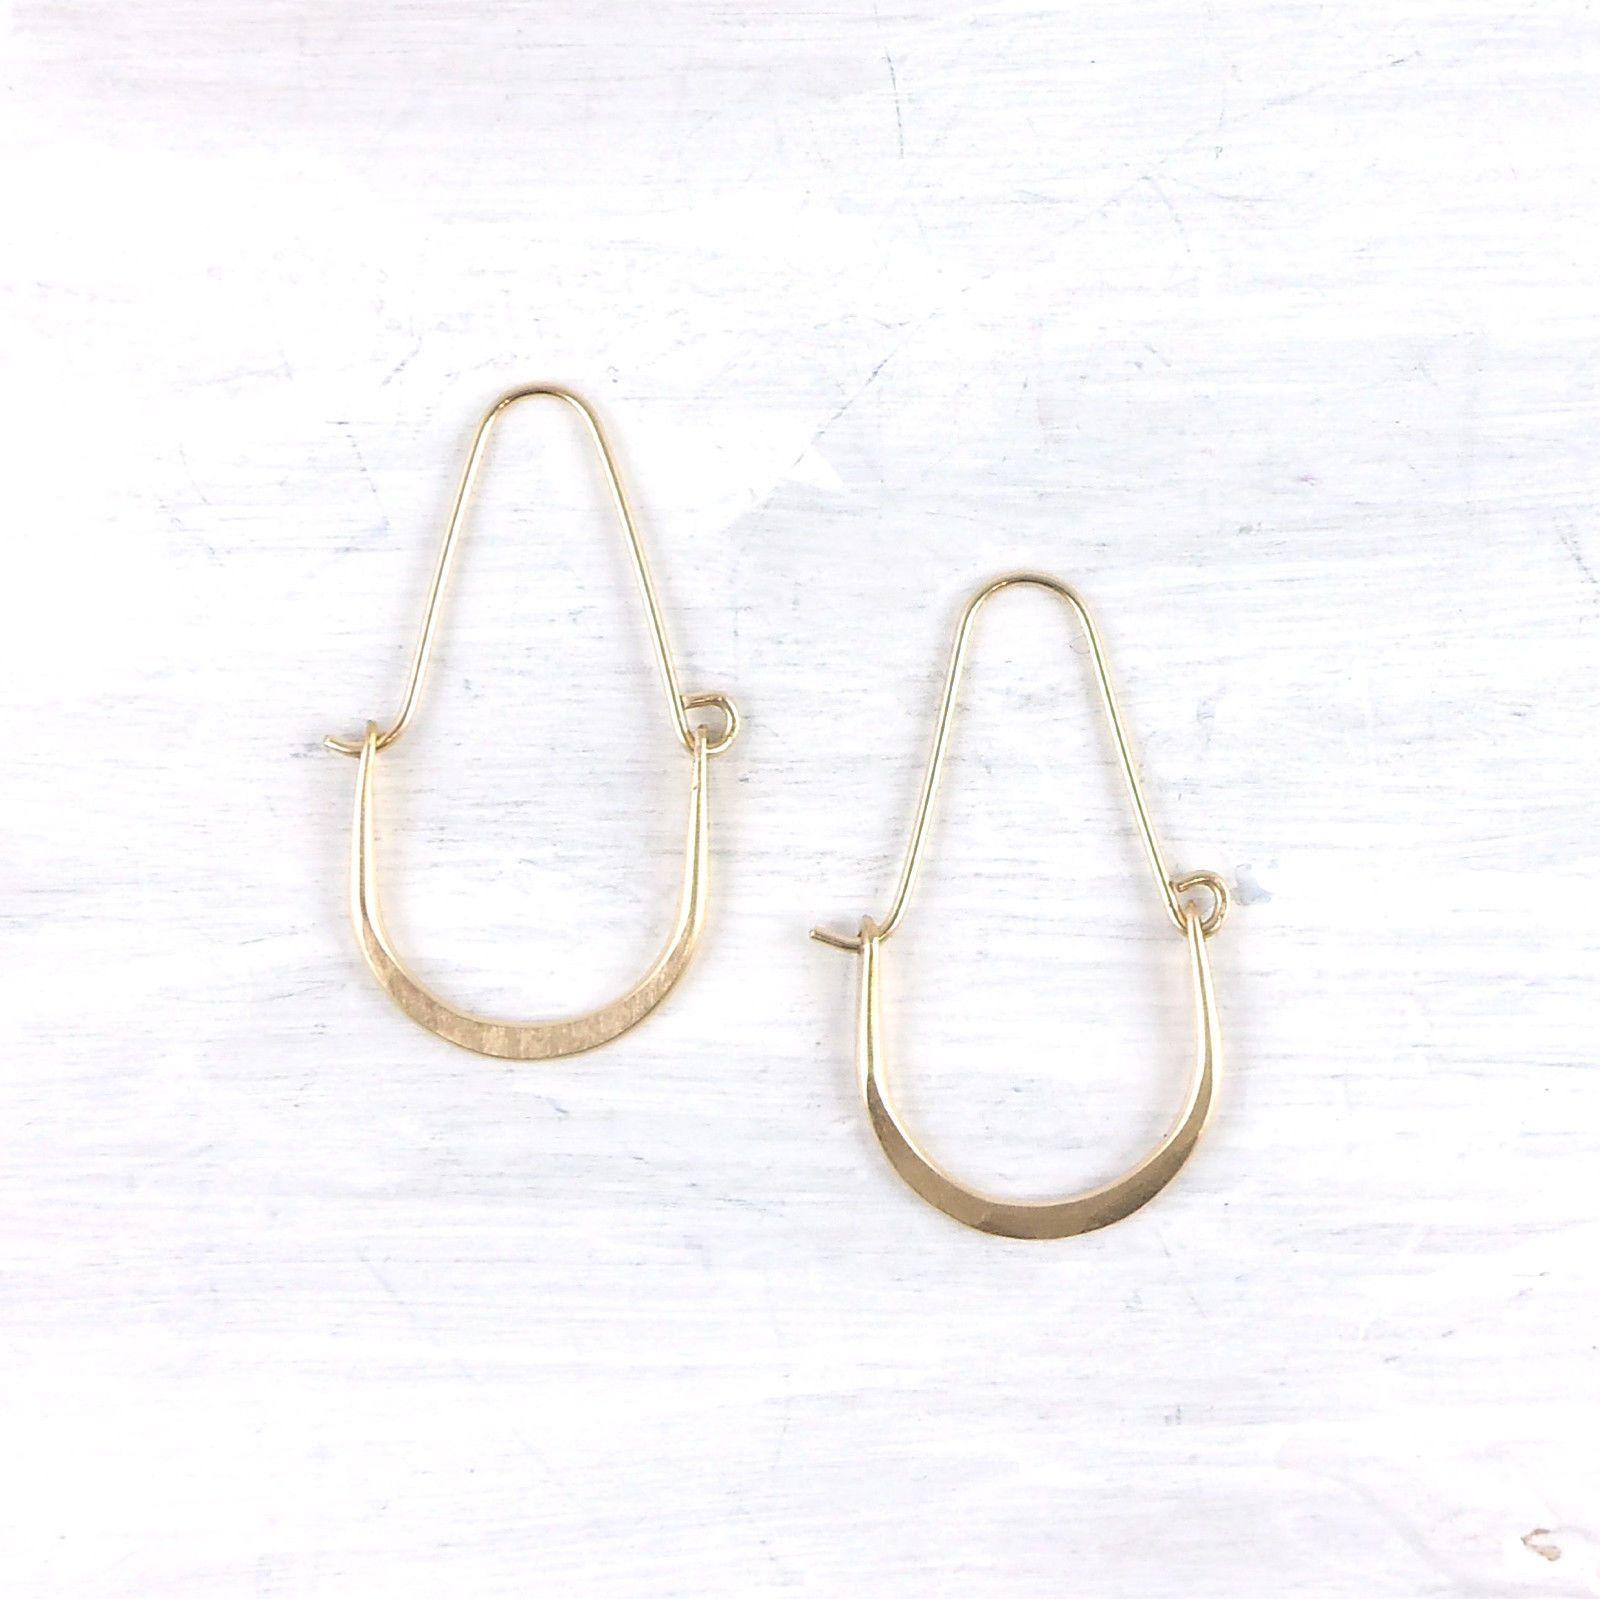 Fail Good Fortune 14k Gold Hoop Earrings Ebay Americanmadeebaysweeps